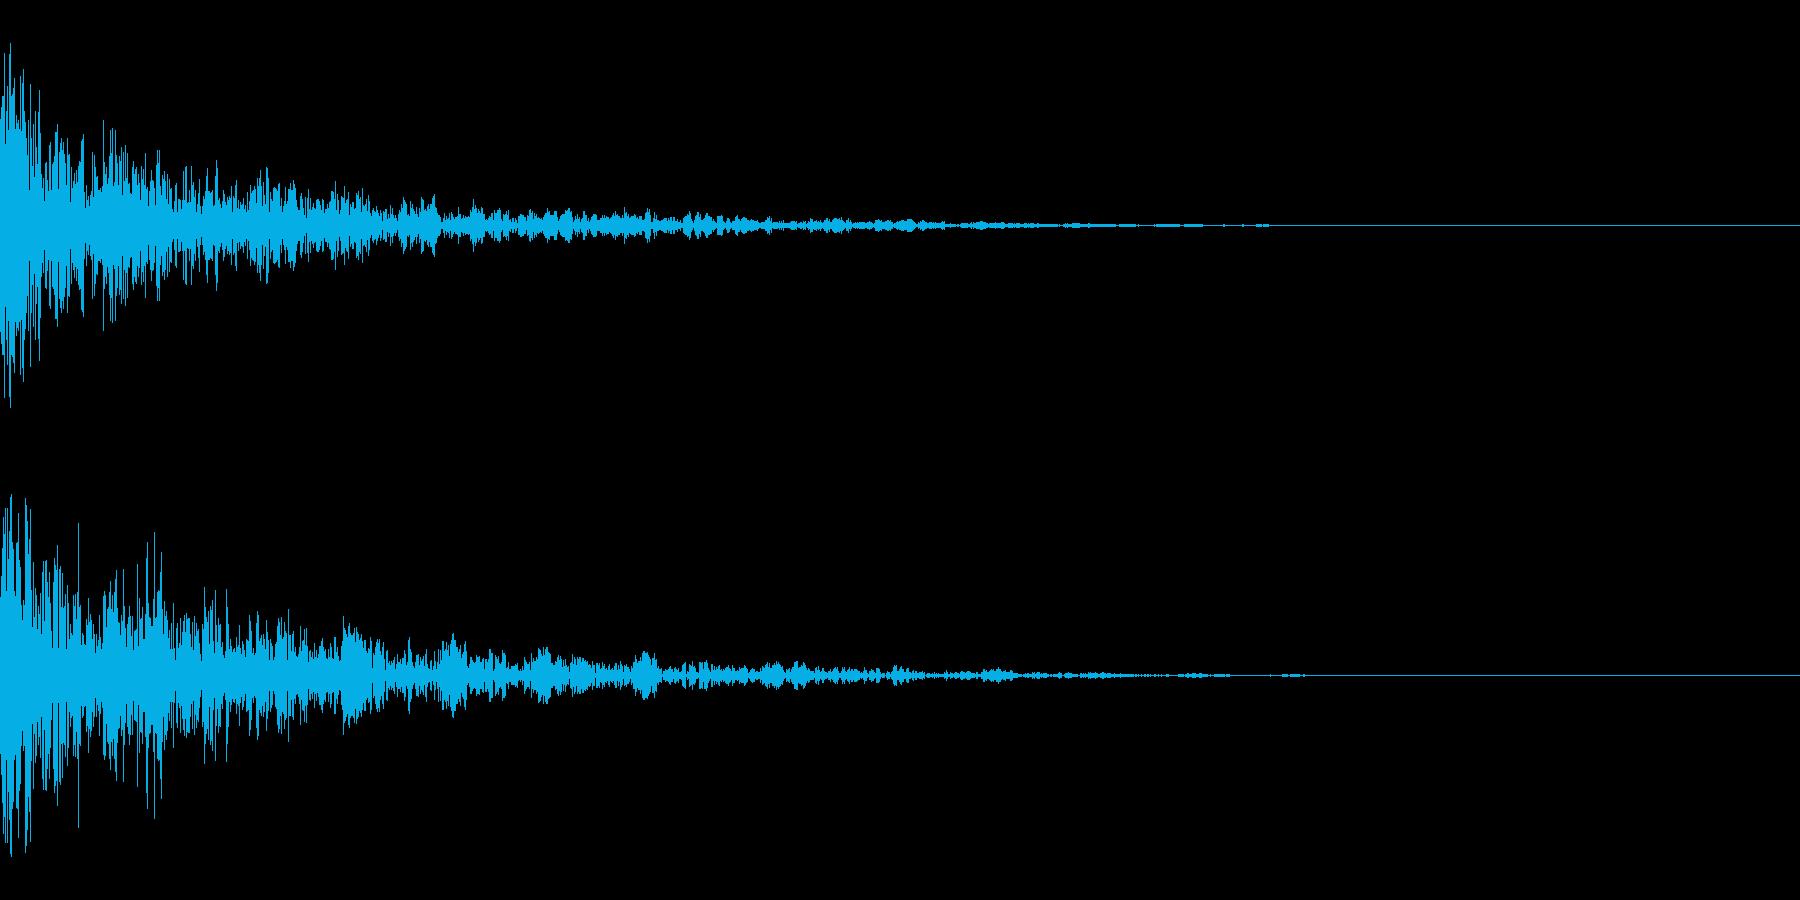 ドーン-36-2(インパクト音)の再生済みの波形